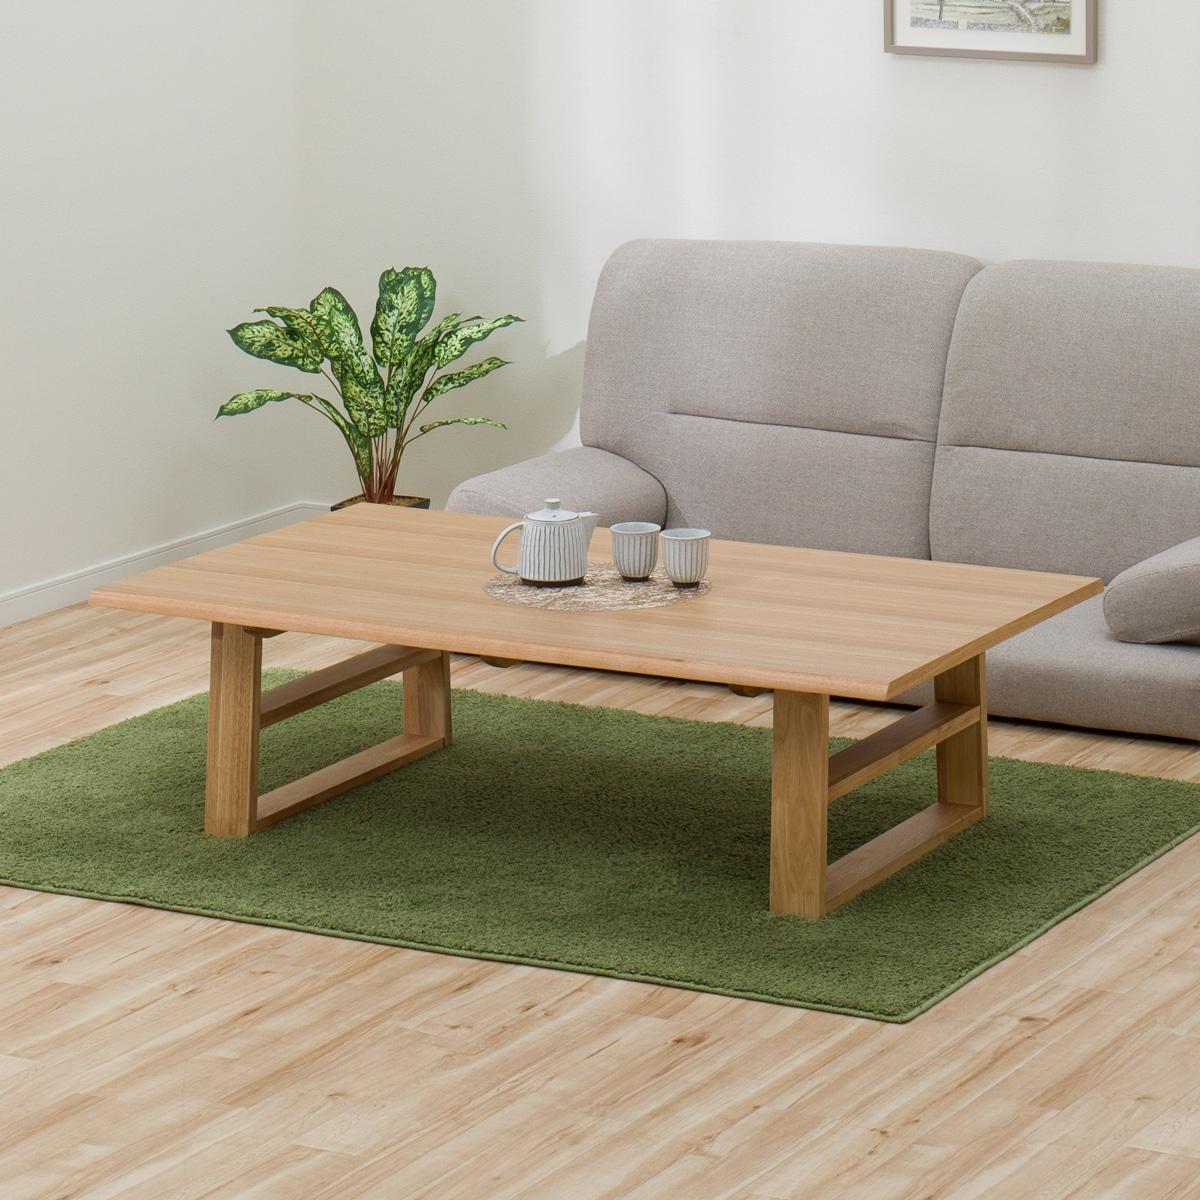 天然木センターテーブル アケビNA 135 在庫限り 5年保証 玄関先迄納品 ニトリ ギフト